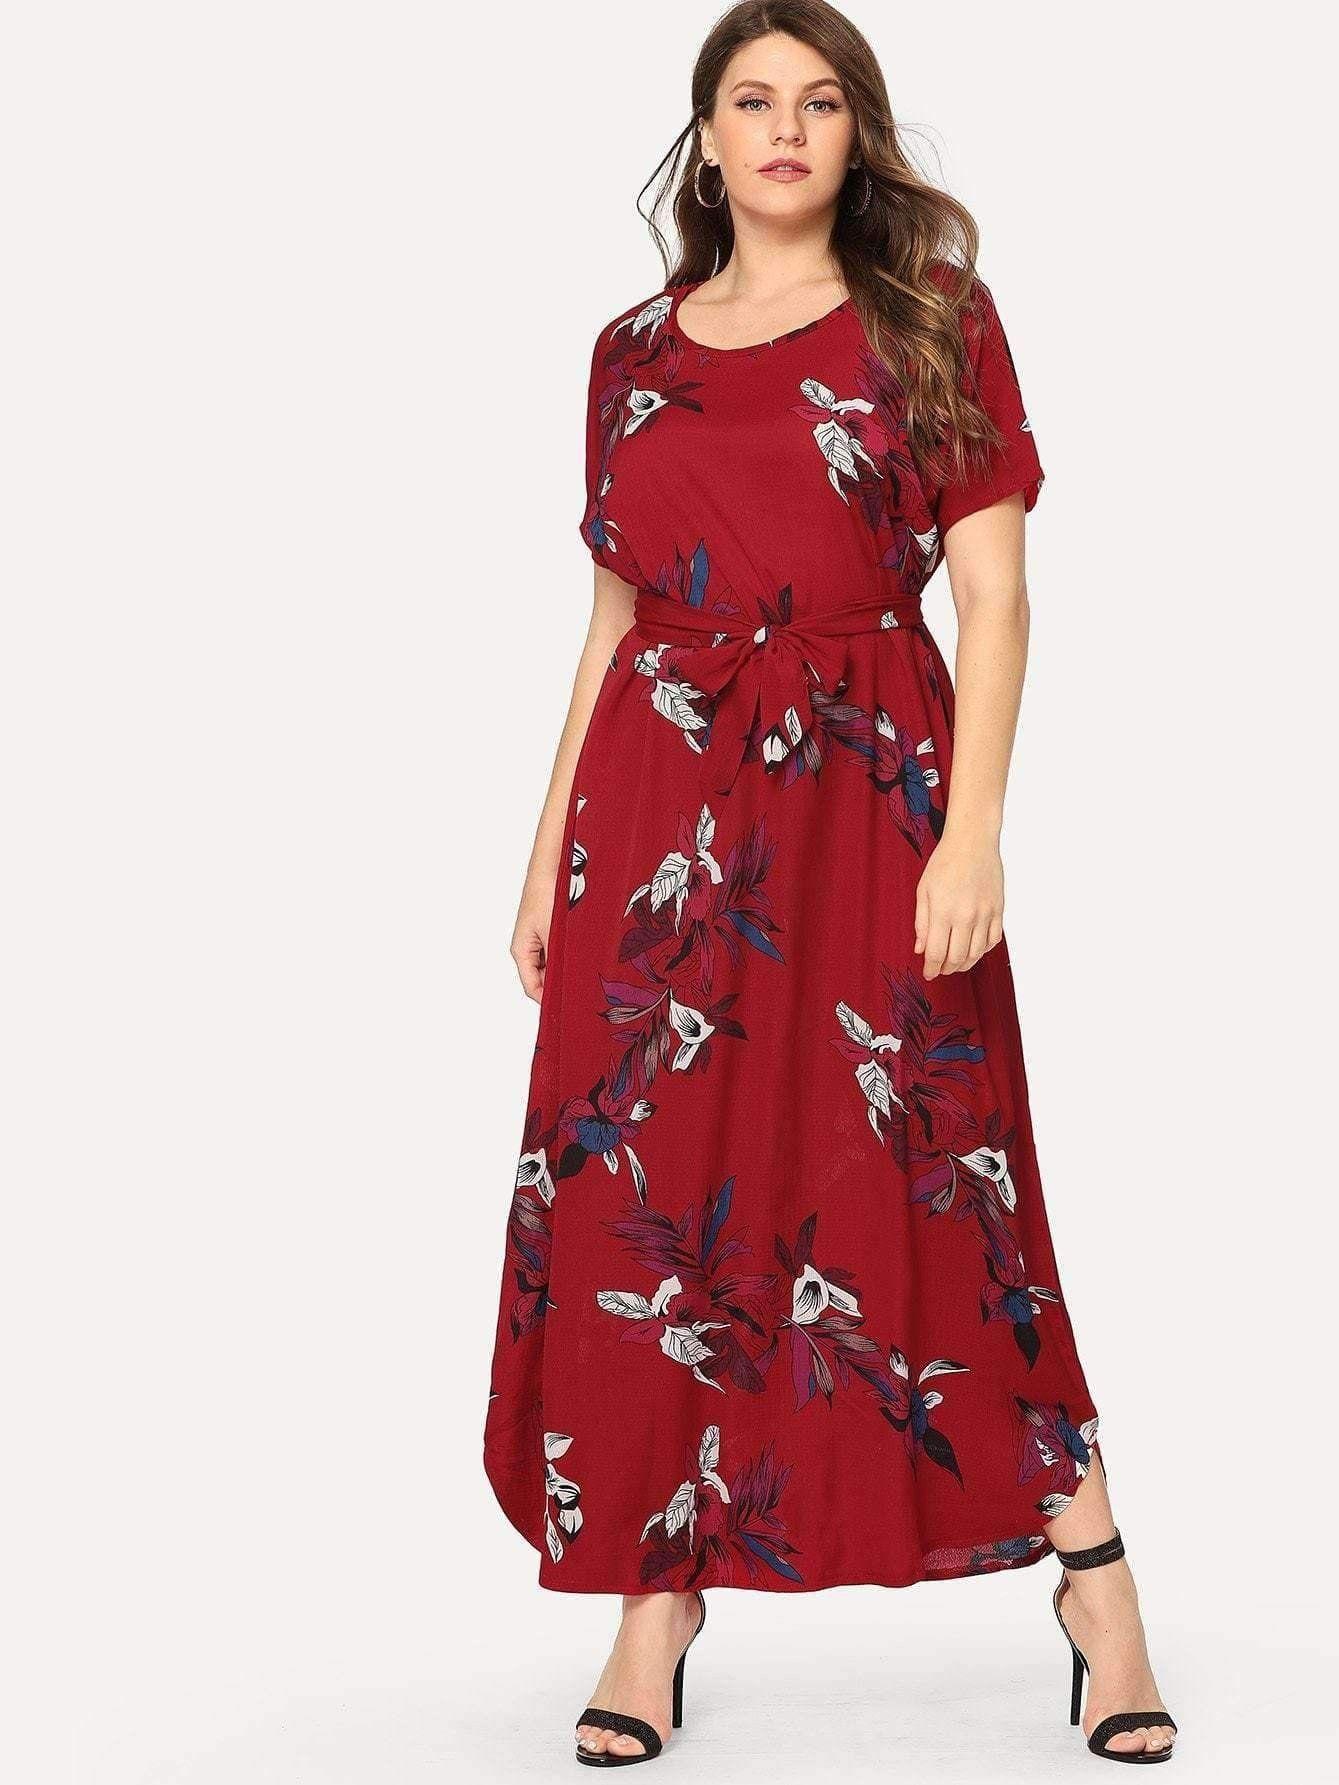 62c8e9adea2 Floral Print Dress in 2019   Plus Size Collection   Fashion, Dresses ...